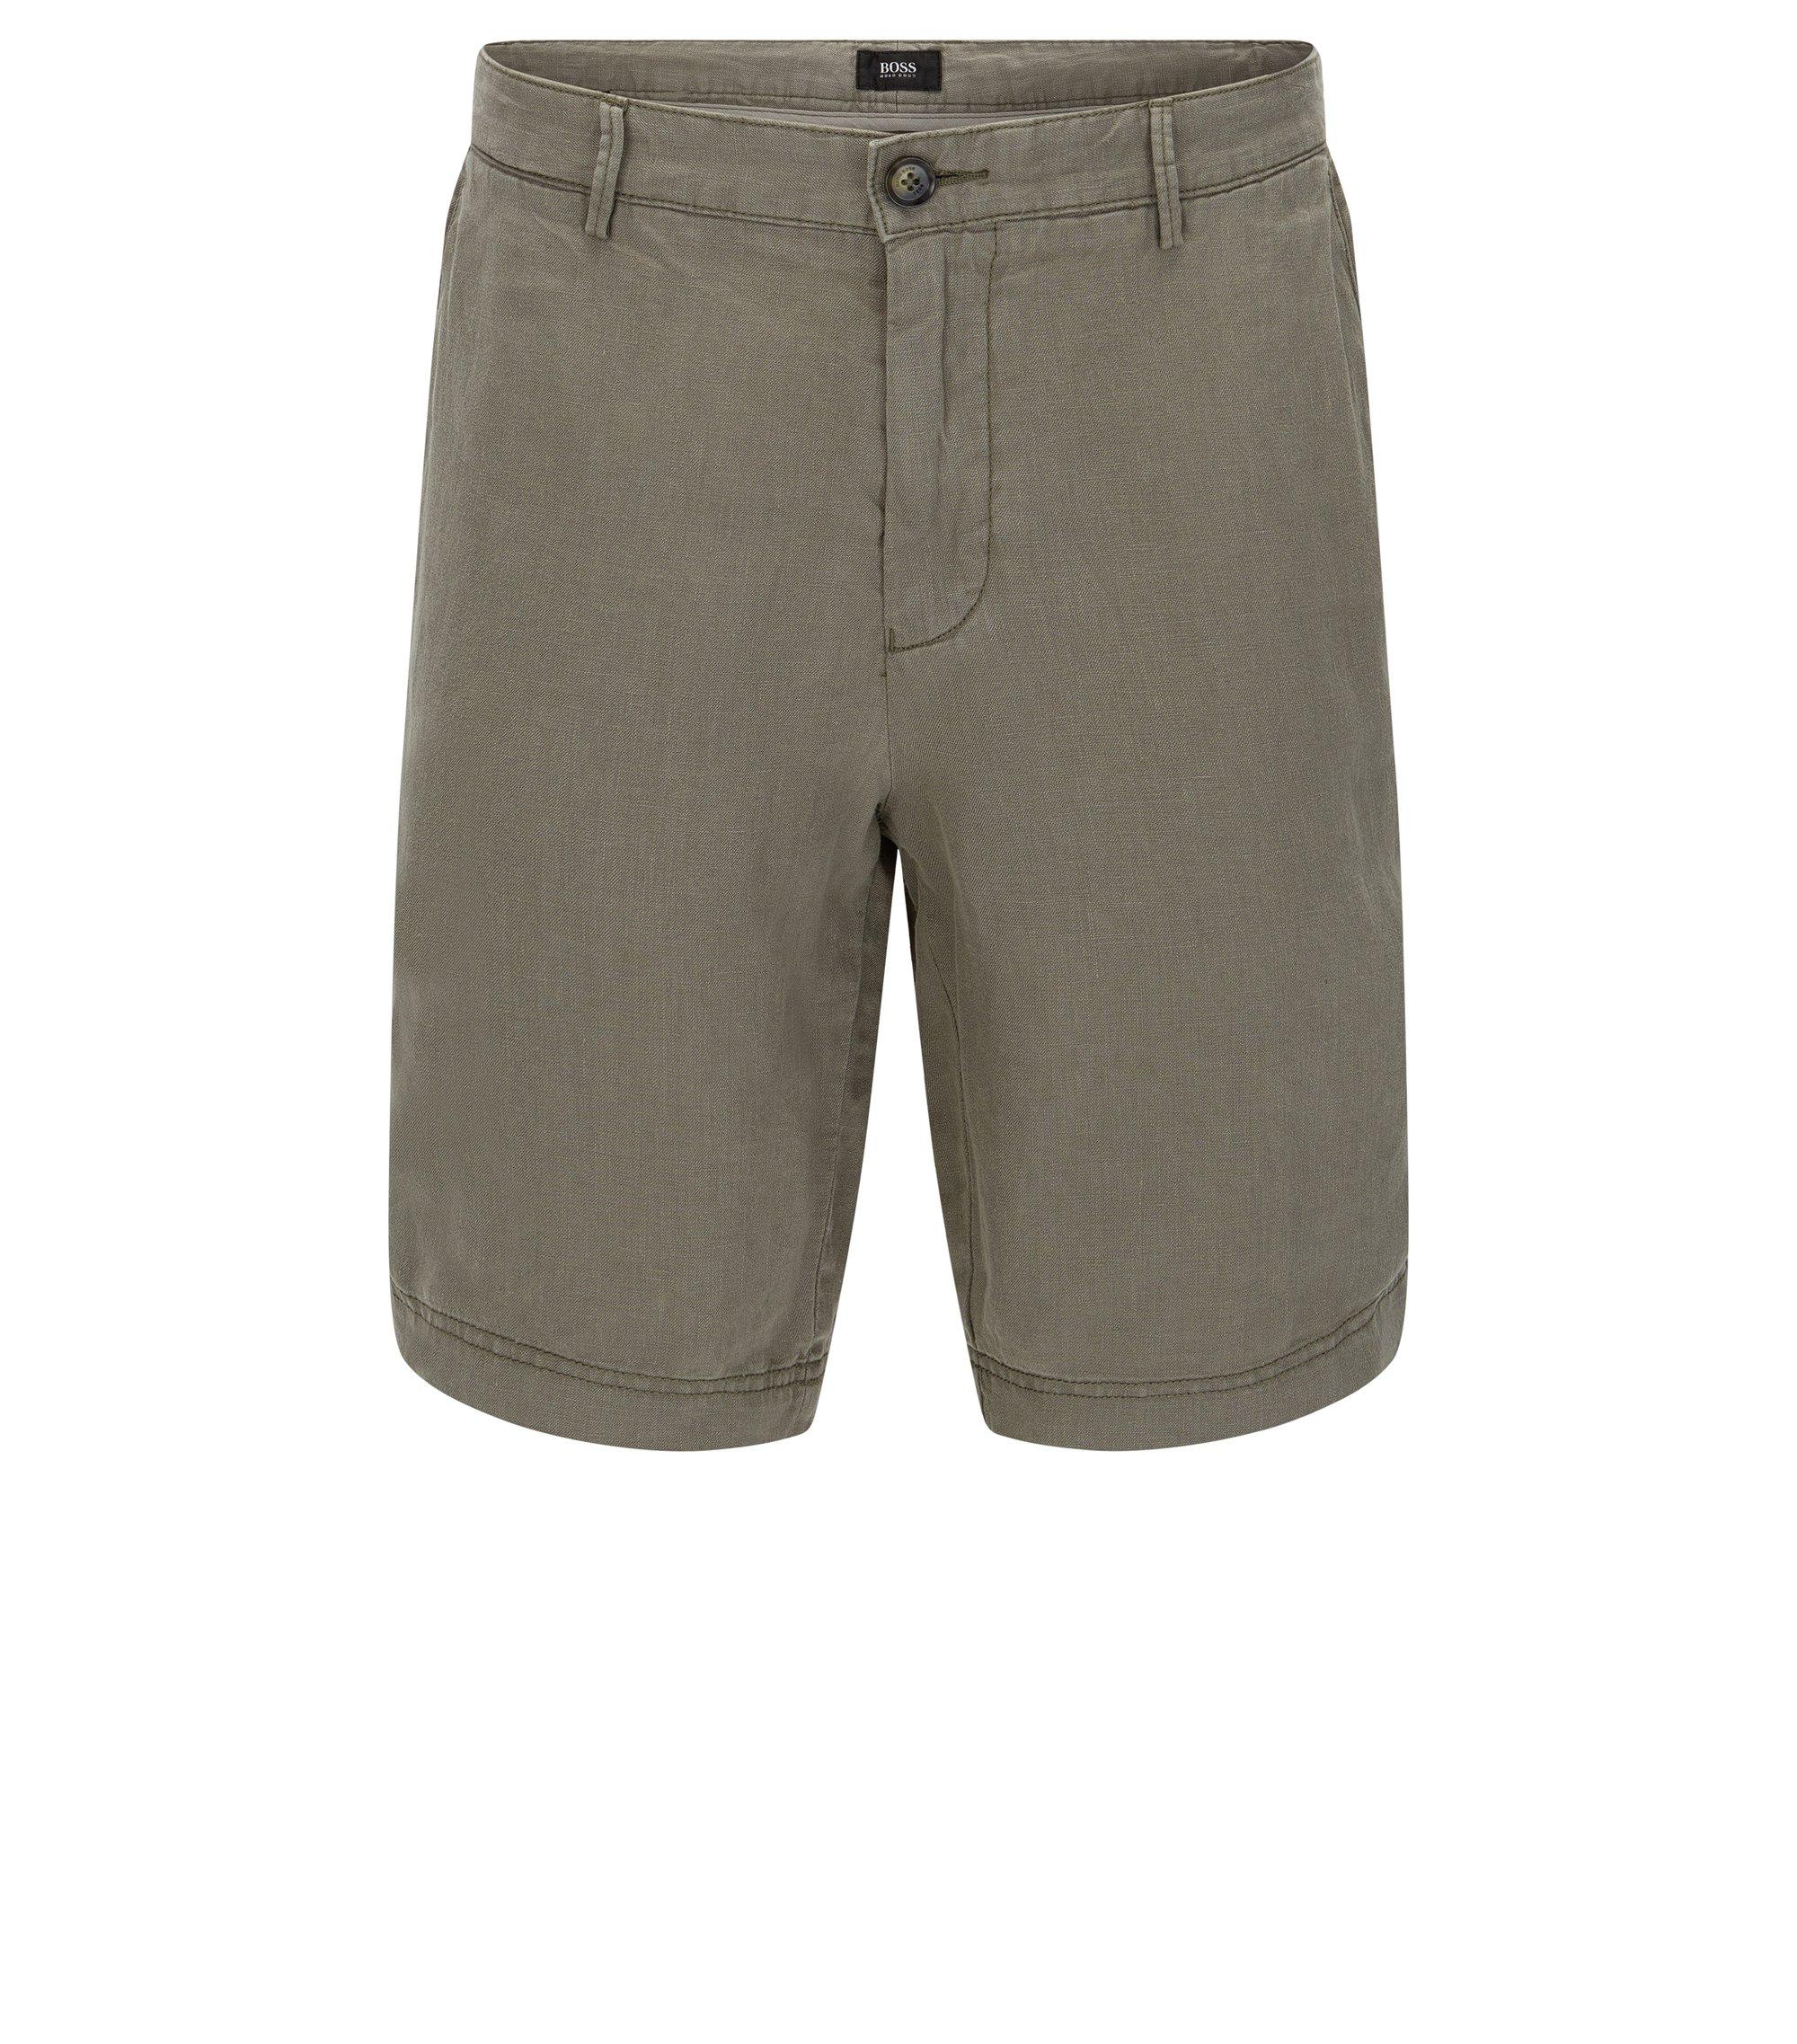 Regular Fit, Linen Short, Regular Fit | Crigan Short D, Dark Green